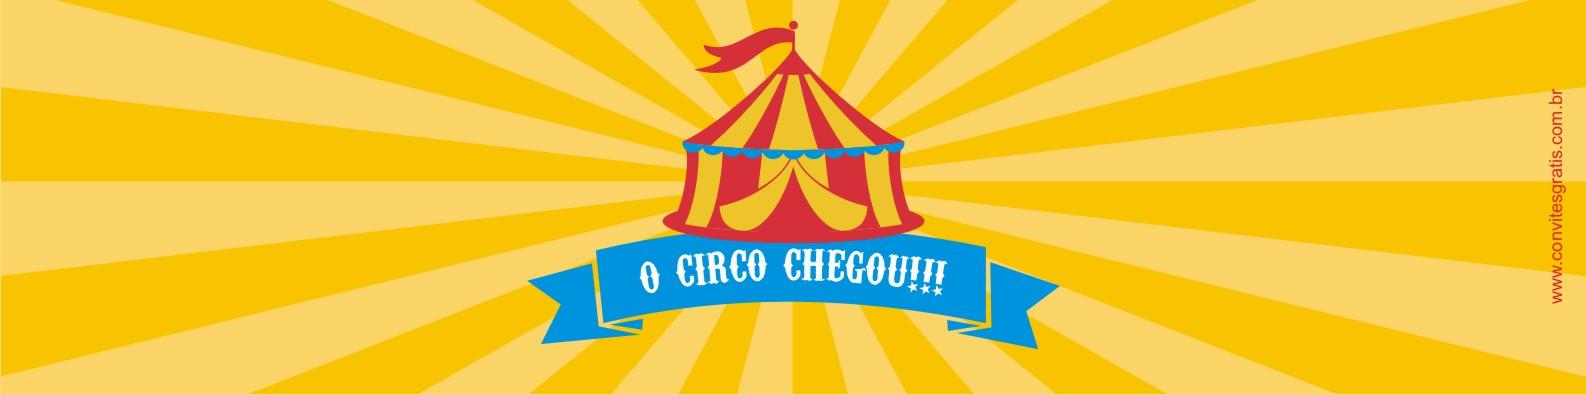 circo adesivo água grátis